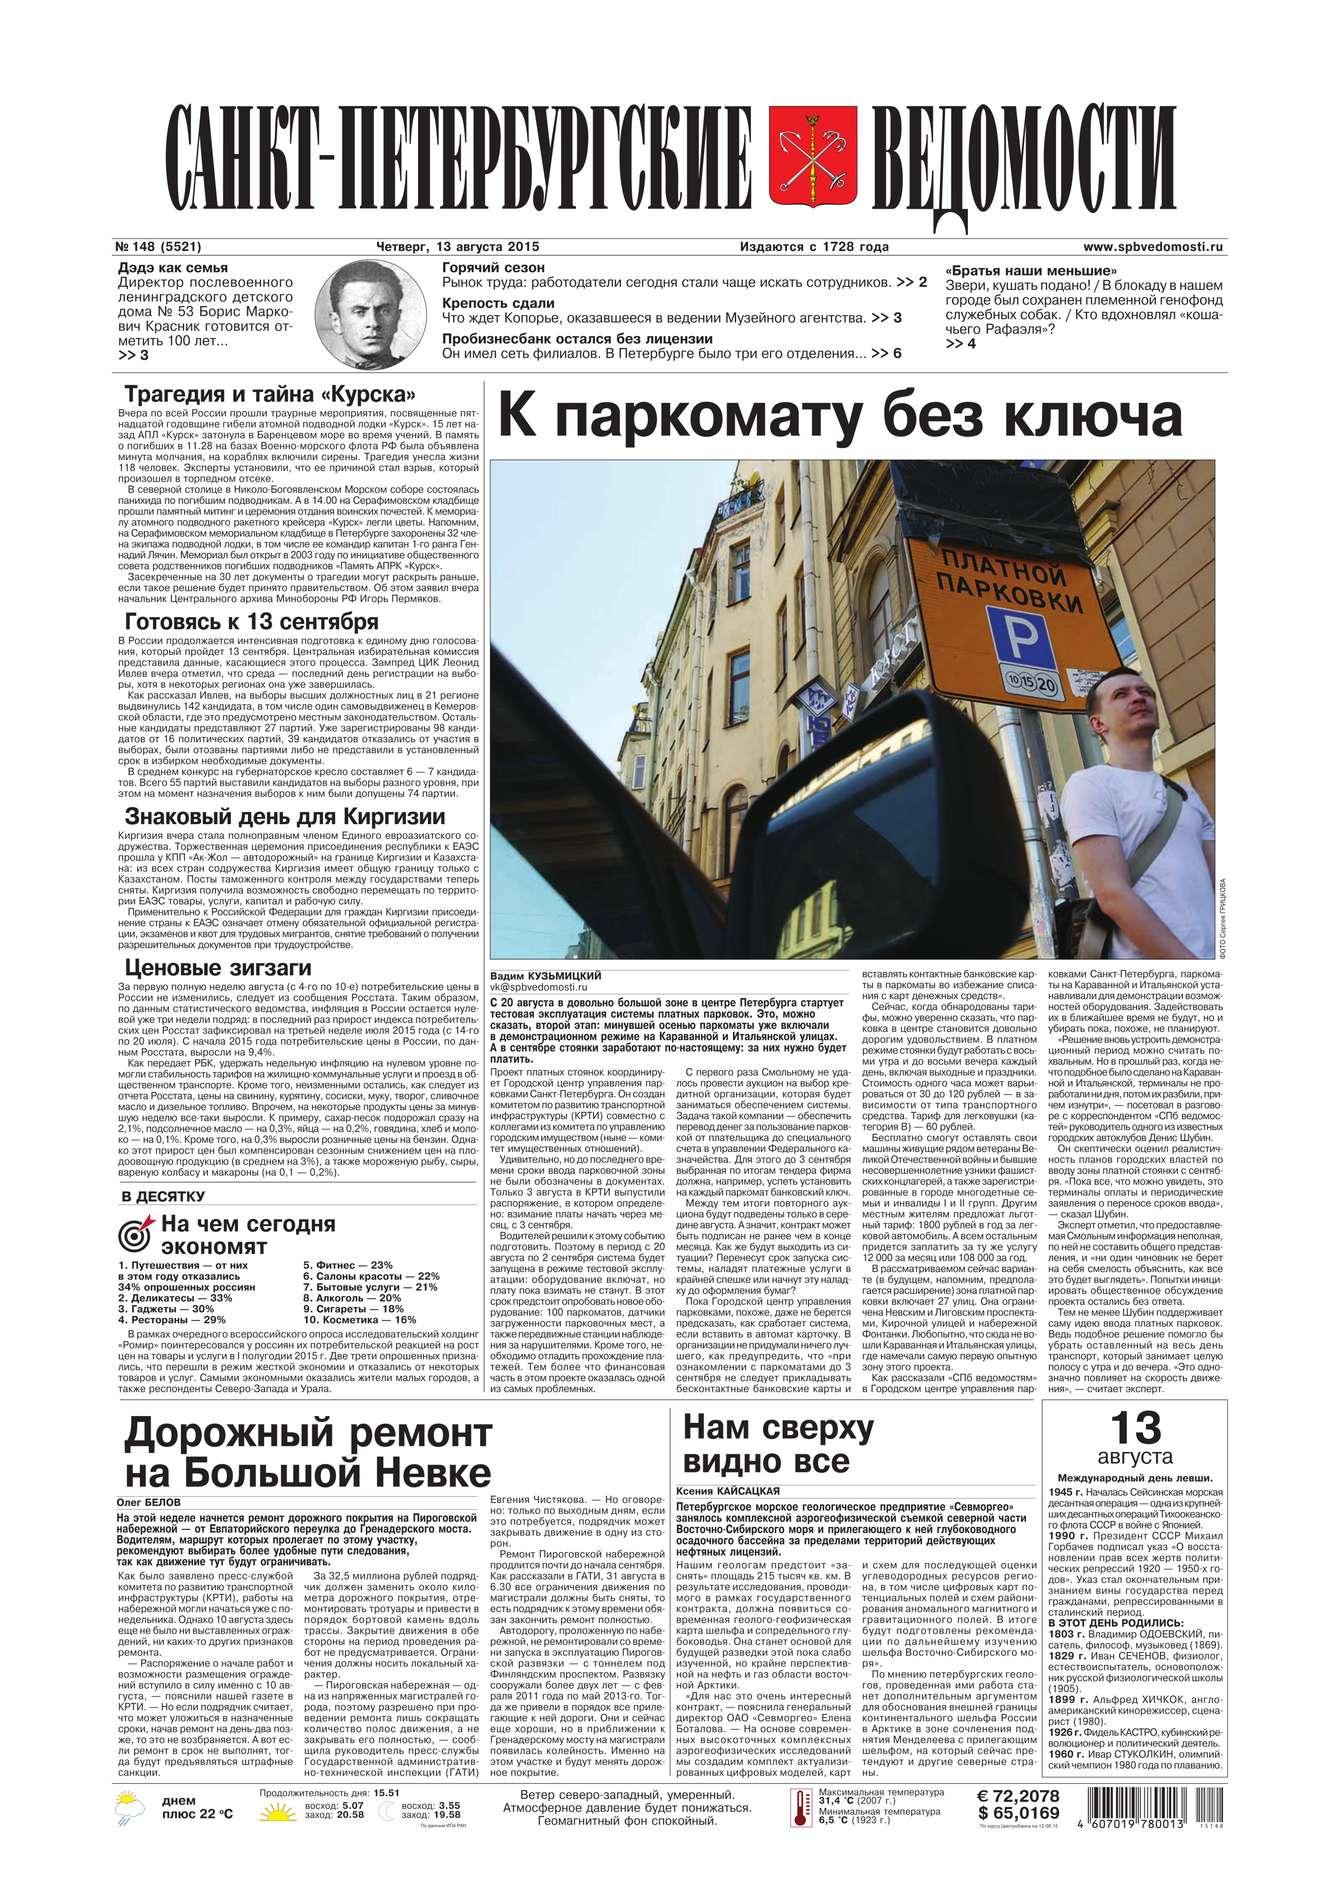 Санкт-Петербургские ведомости 148-2015